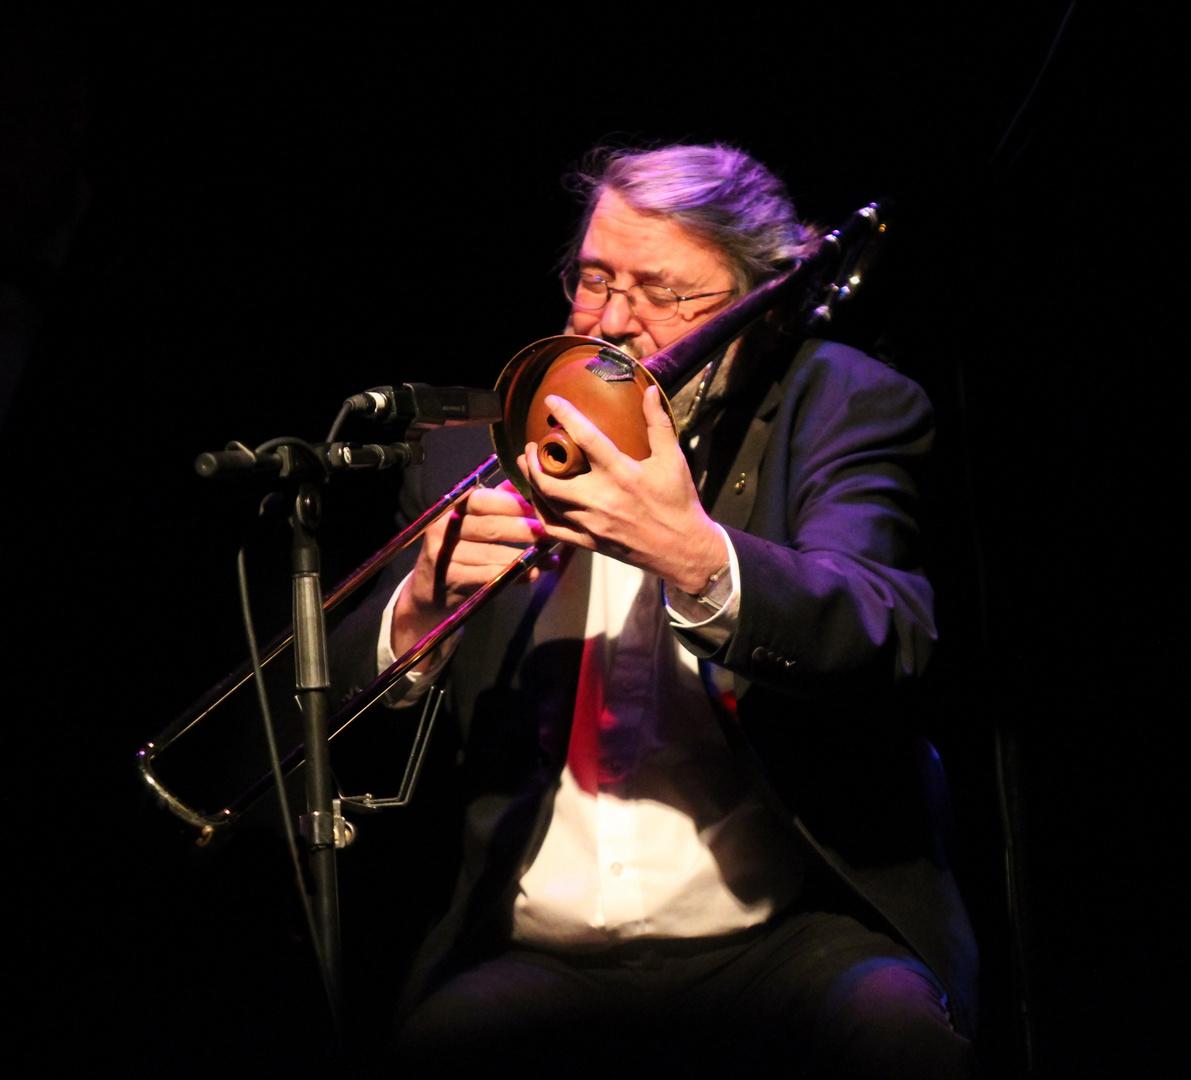 Trombone . . . voller Einsatz auch im Sitzen!